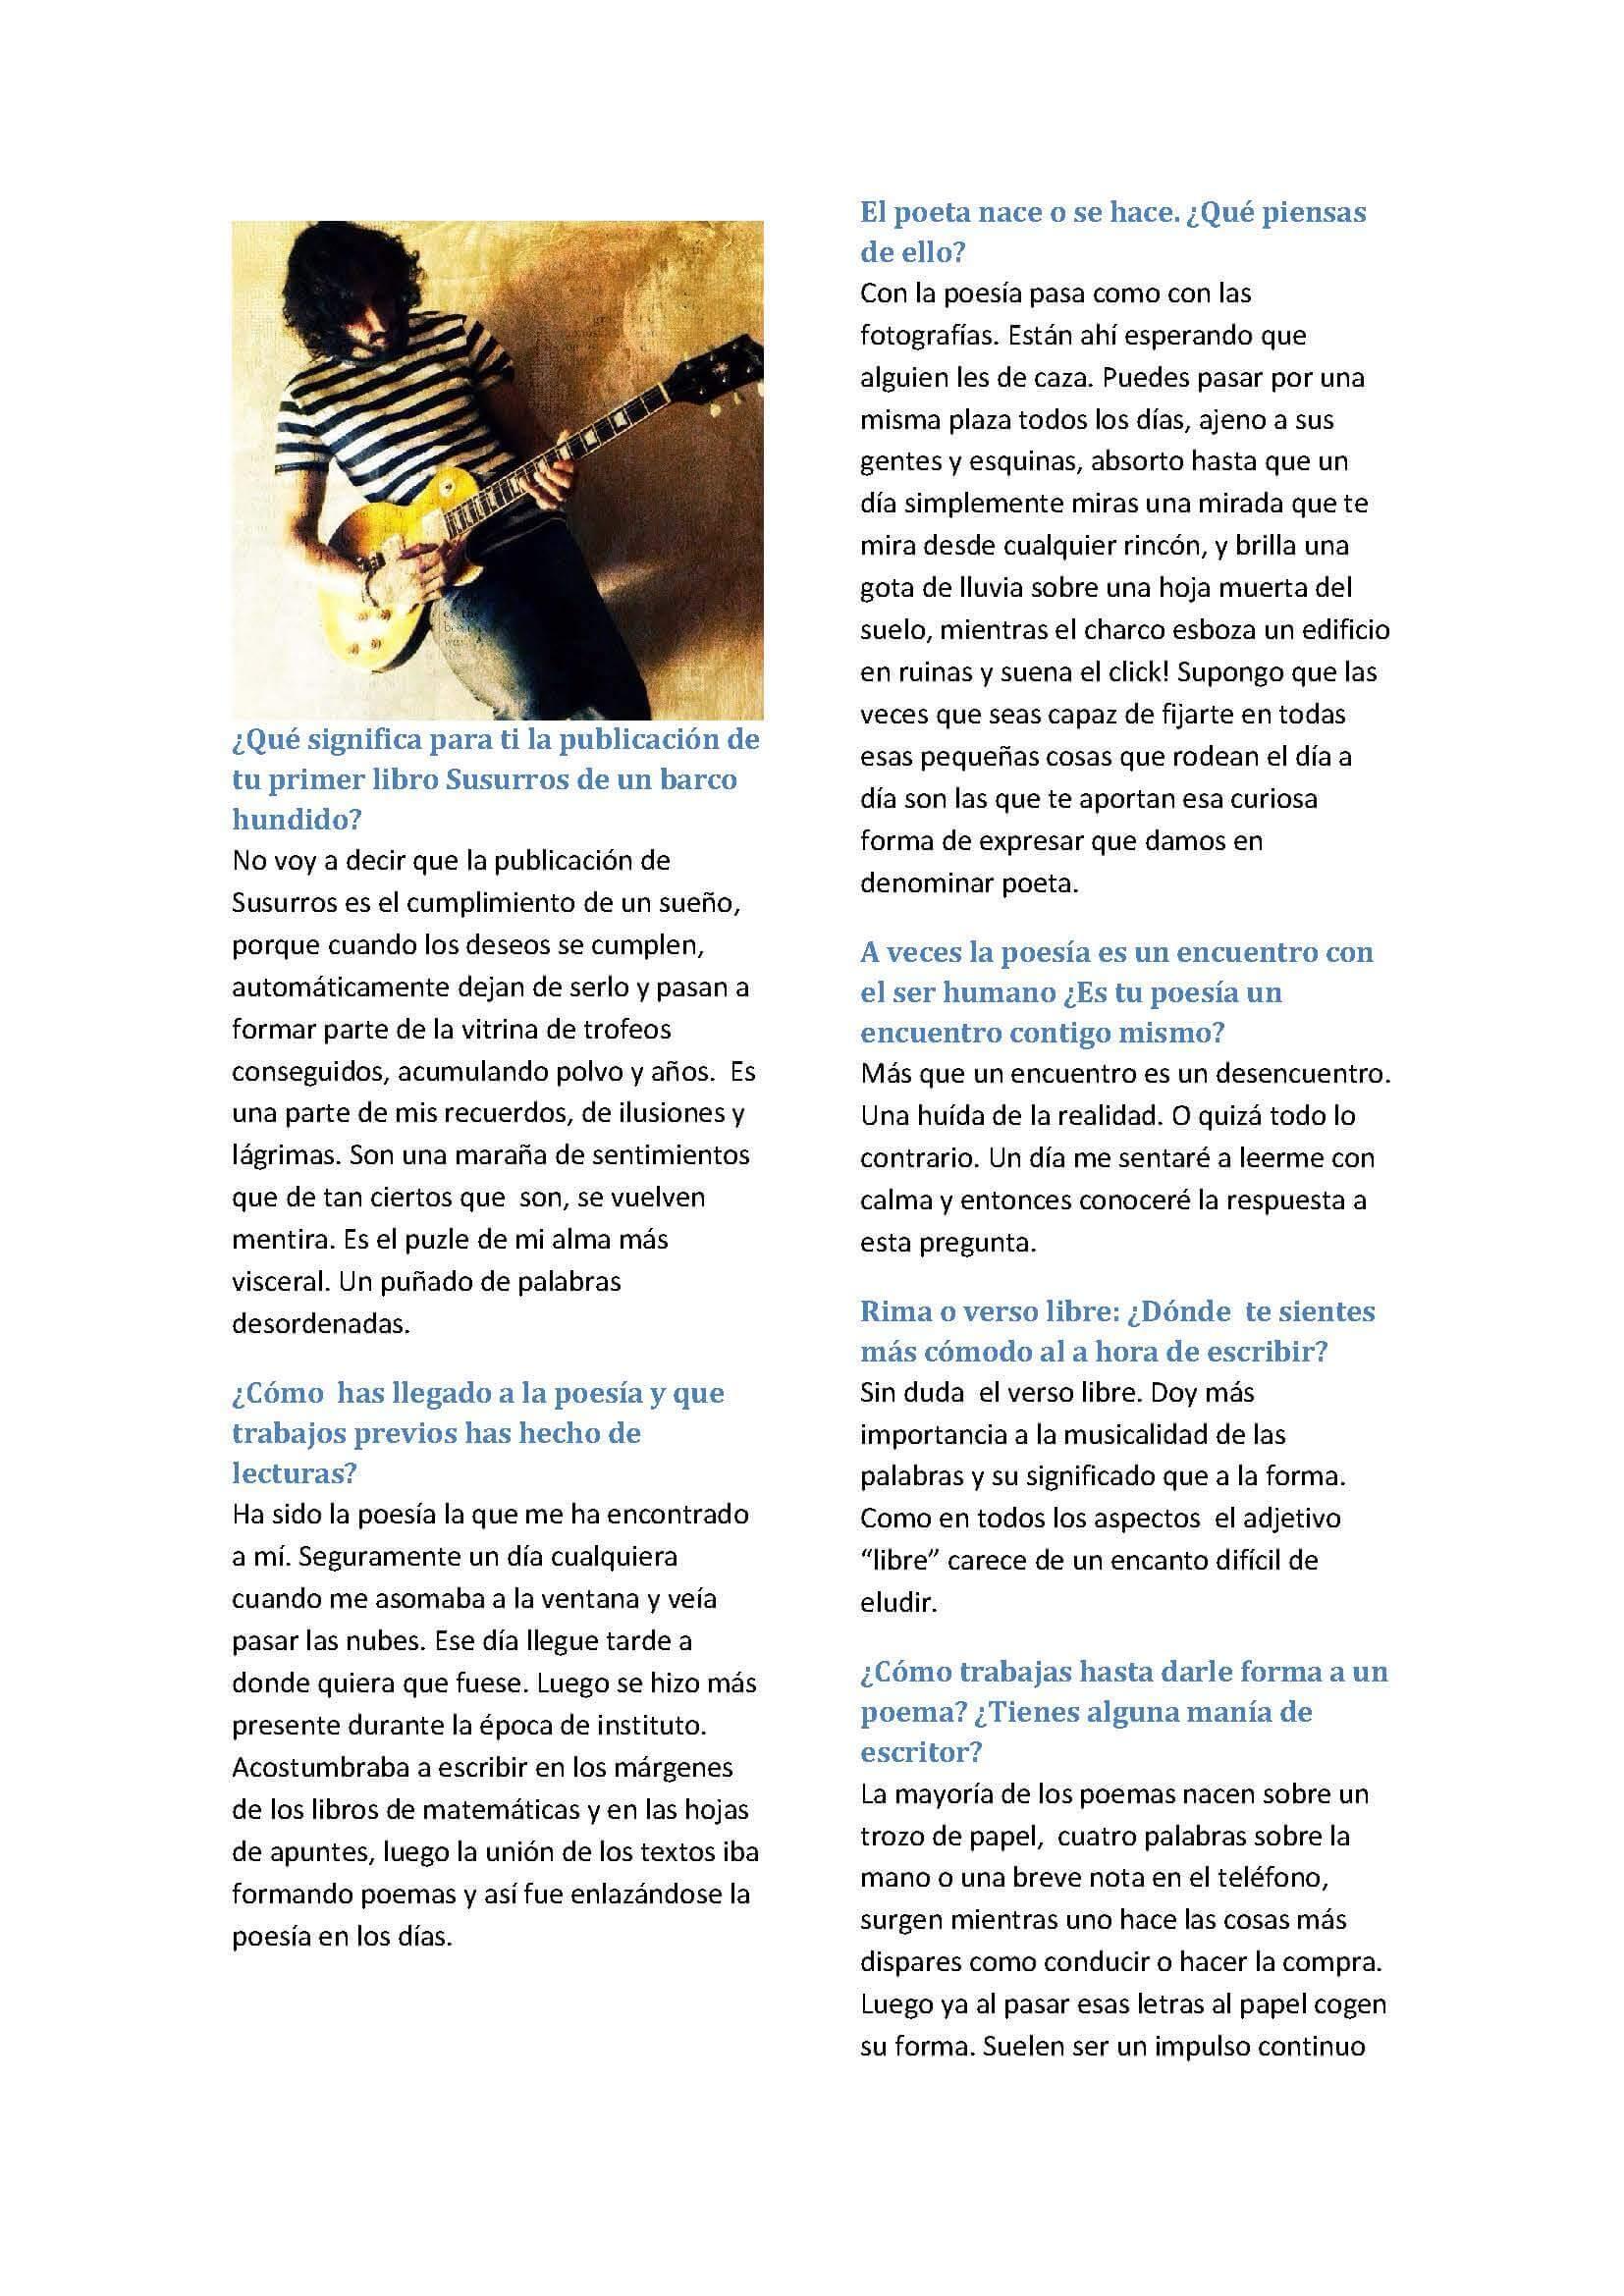 """Entrevista editorial_Página_1 Poesía, entrevista - Entrevista editorial P  gina 1 - Ángel García García: """" Ha sido la poesía la que me ha encontrado a mí""""."""